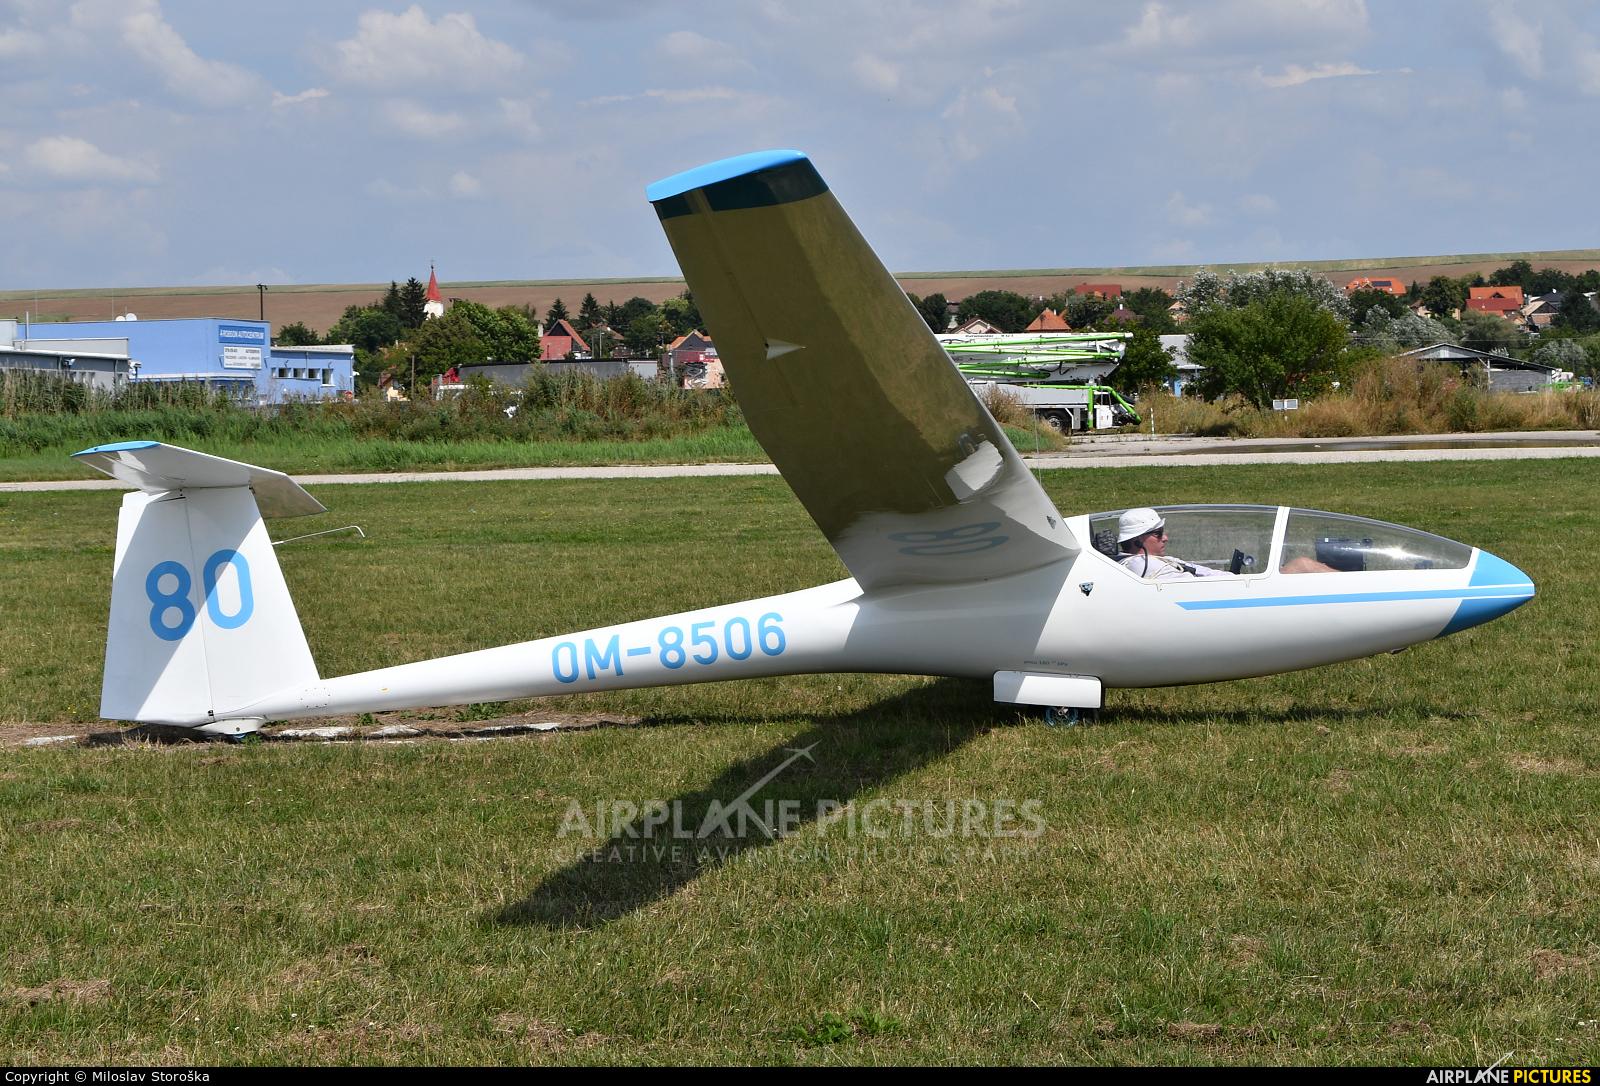 Aeroklub Nitra OM-8506 aircraft at Nitra